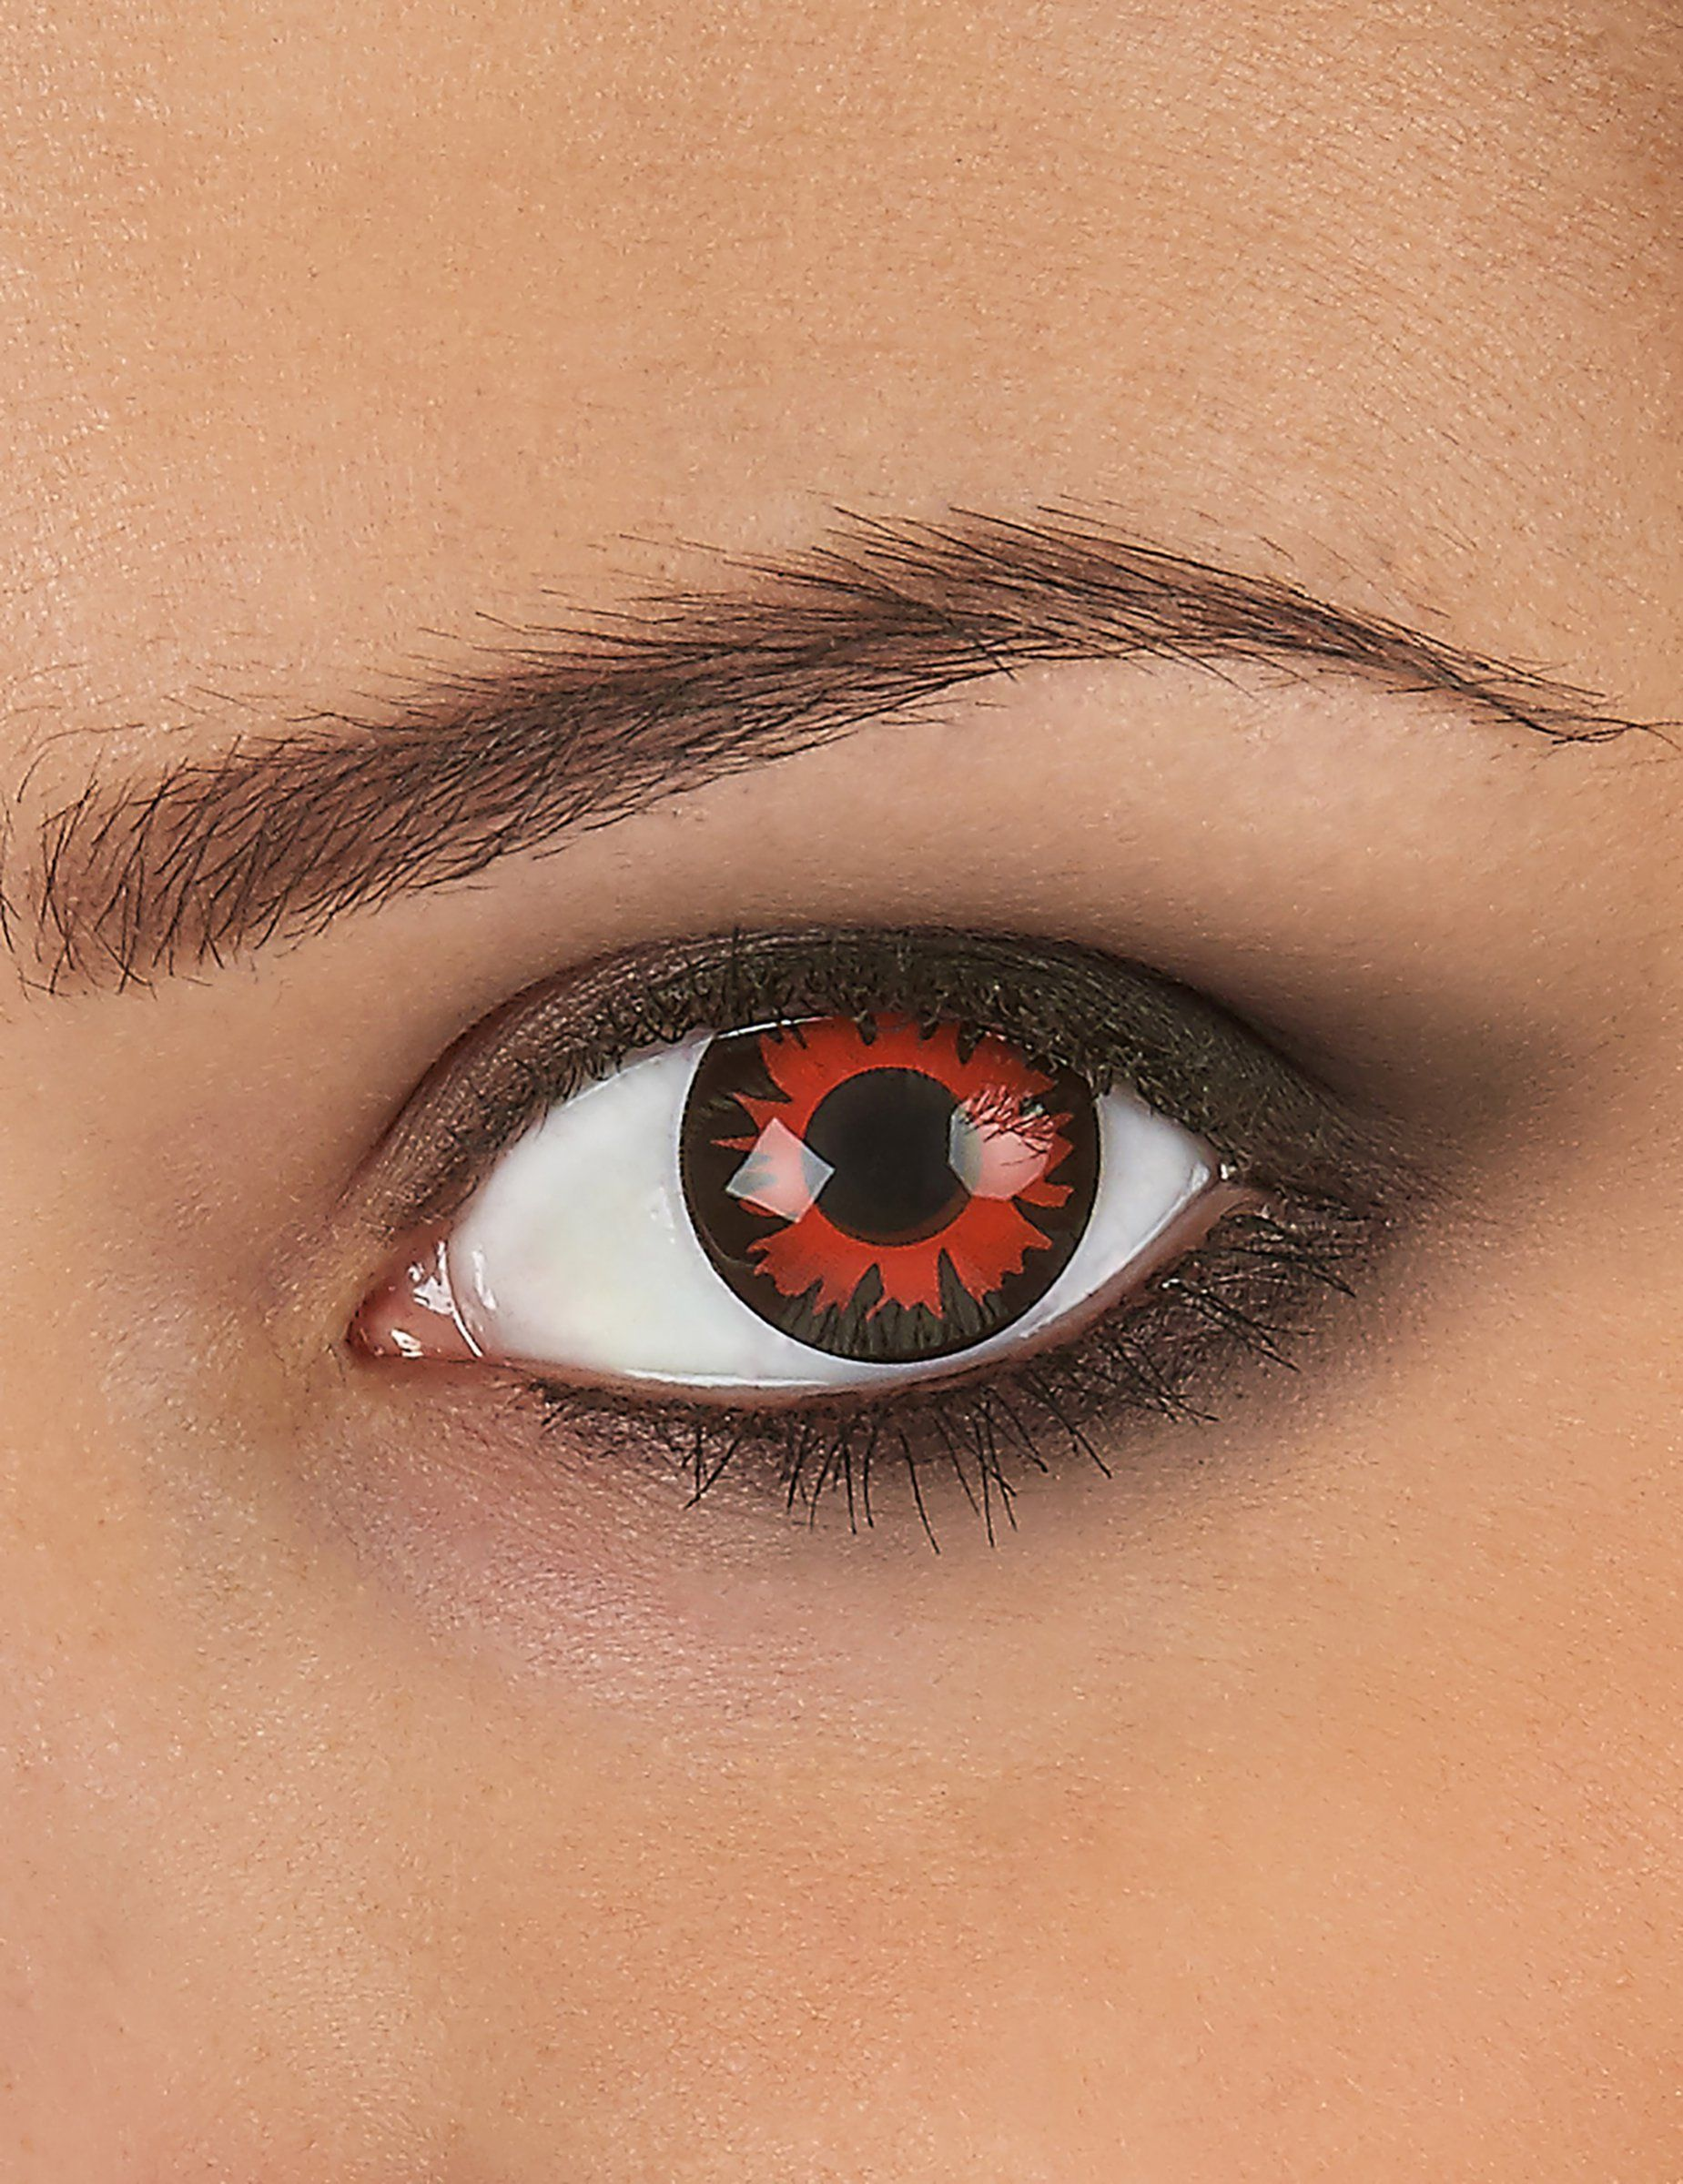 80aae93161 Lentes de contacto de fantasía de color rojo y negro especiales para  Halloween y Carnaval